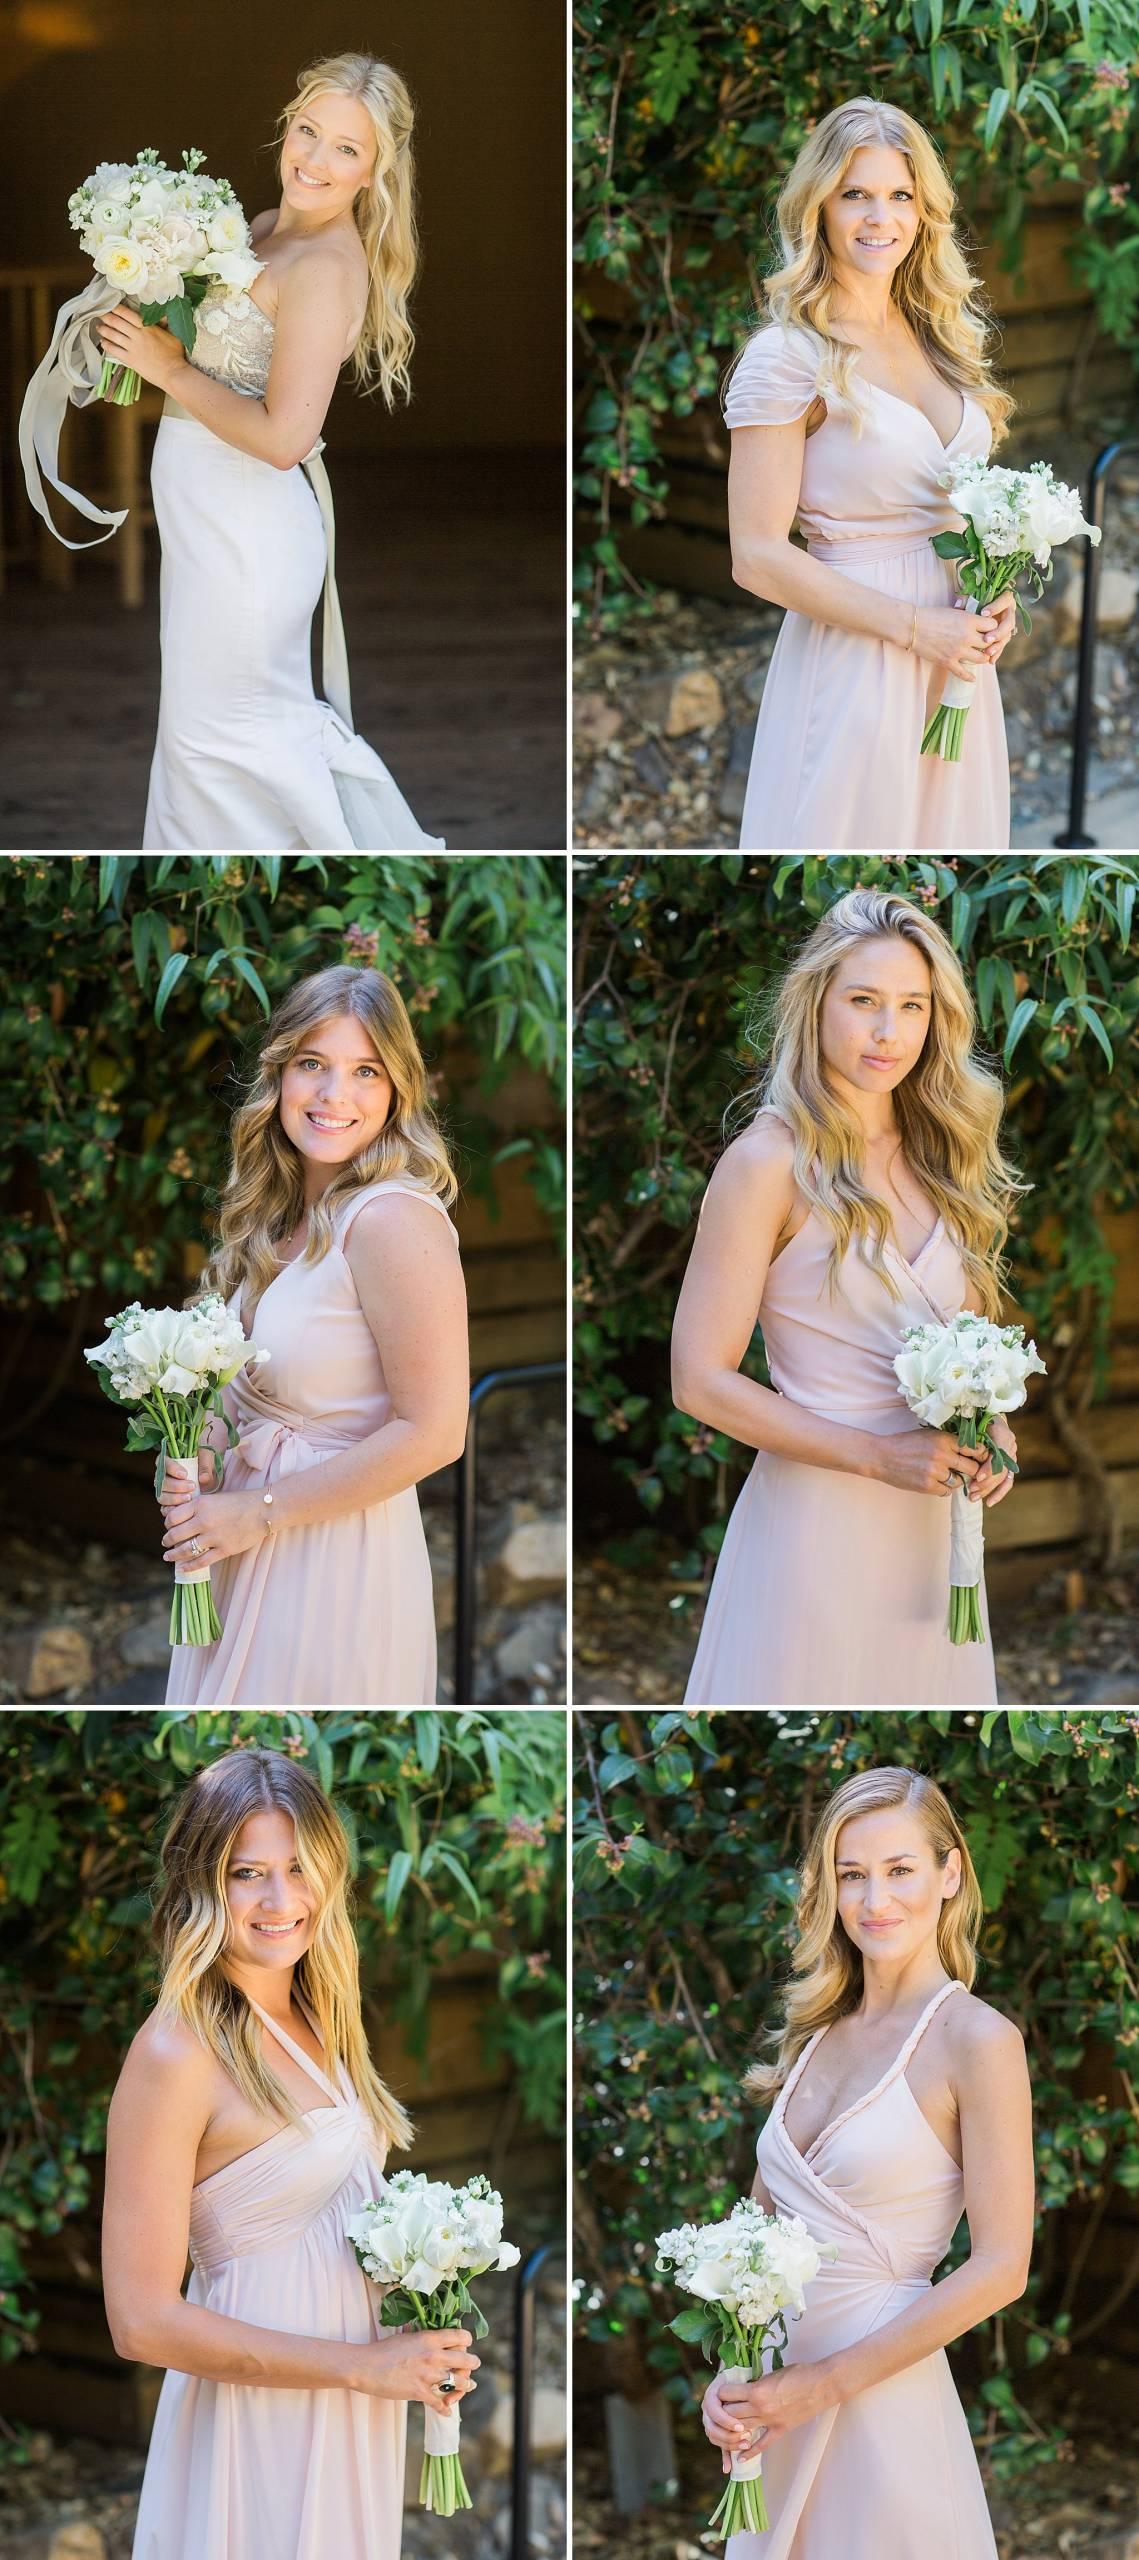 Bridesmaids Photo Calistoga Ranch Wedding Photos